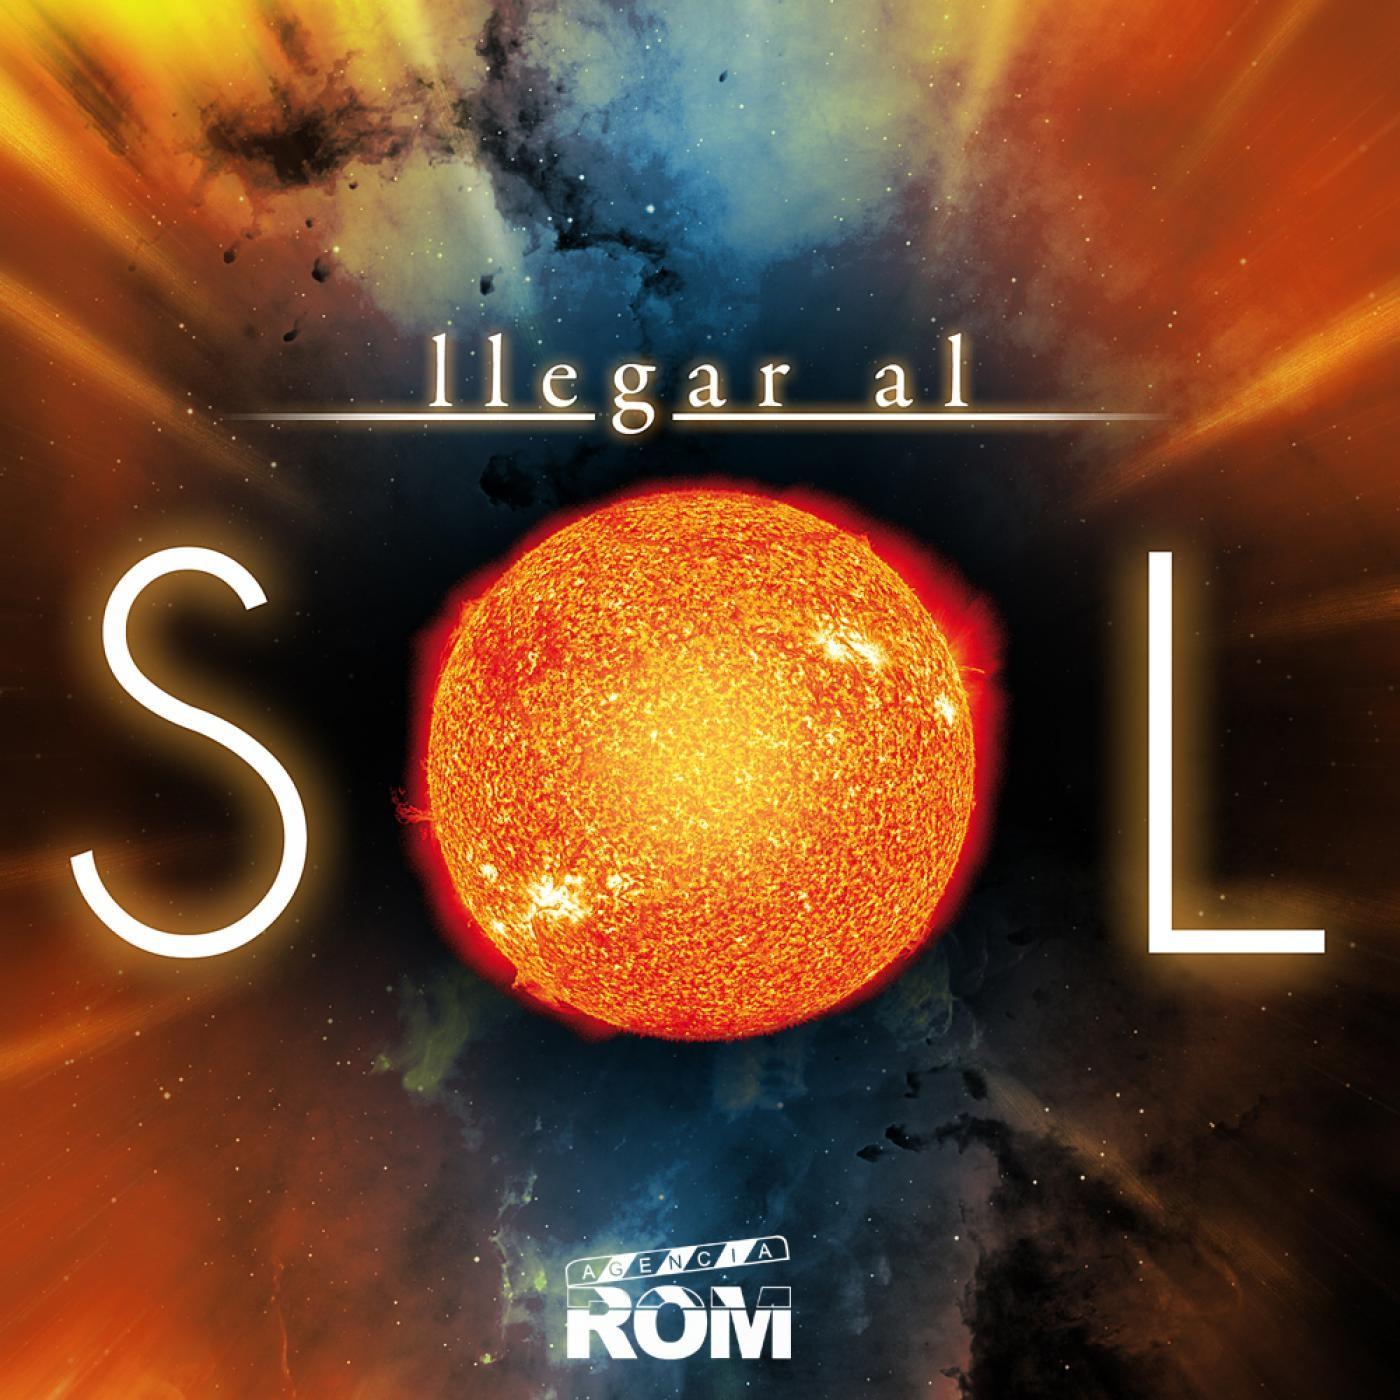 Logo de Llegar al Sol